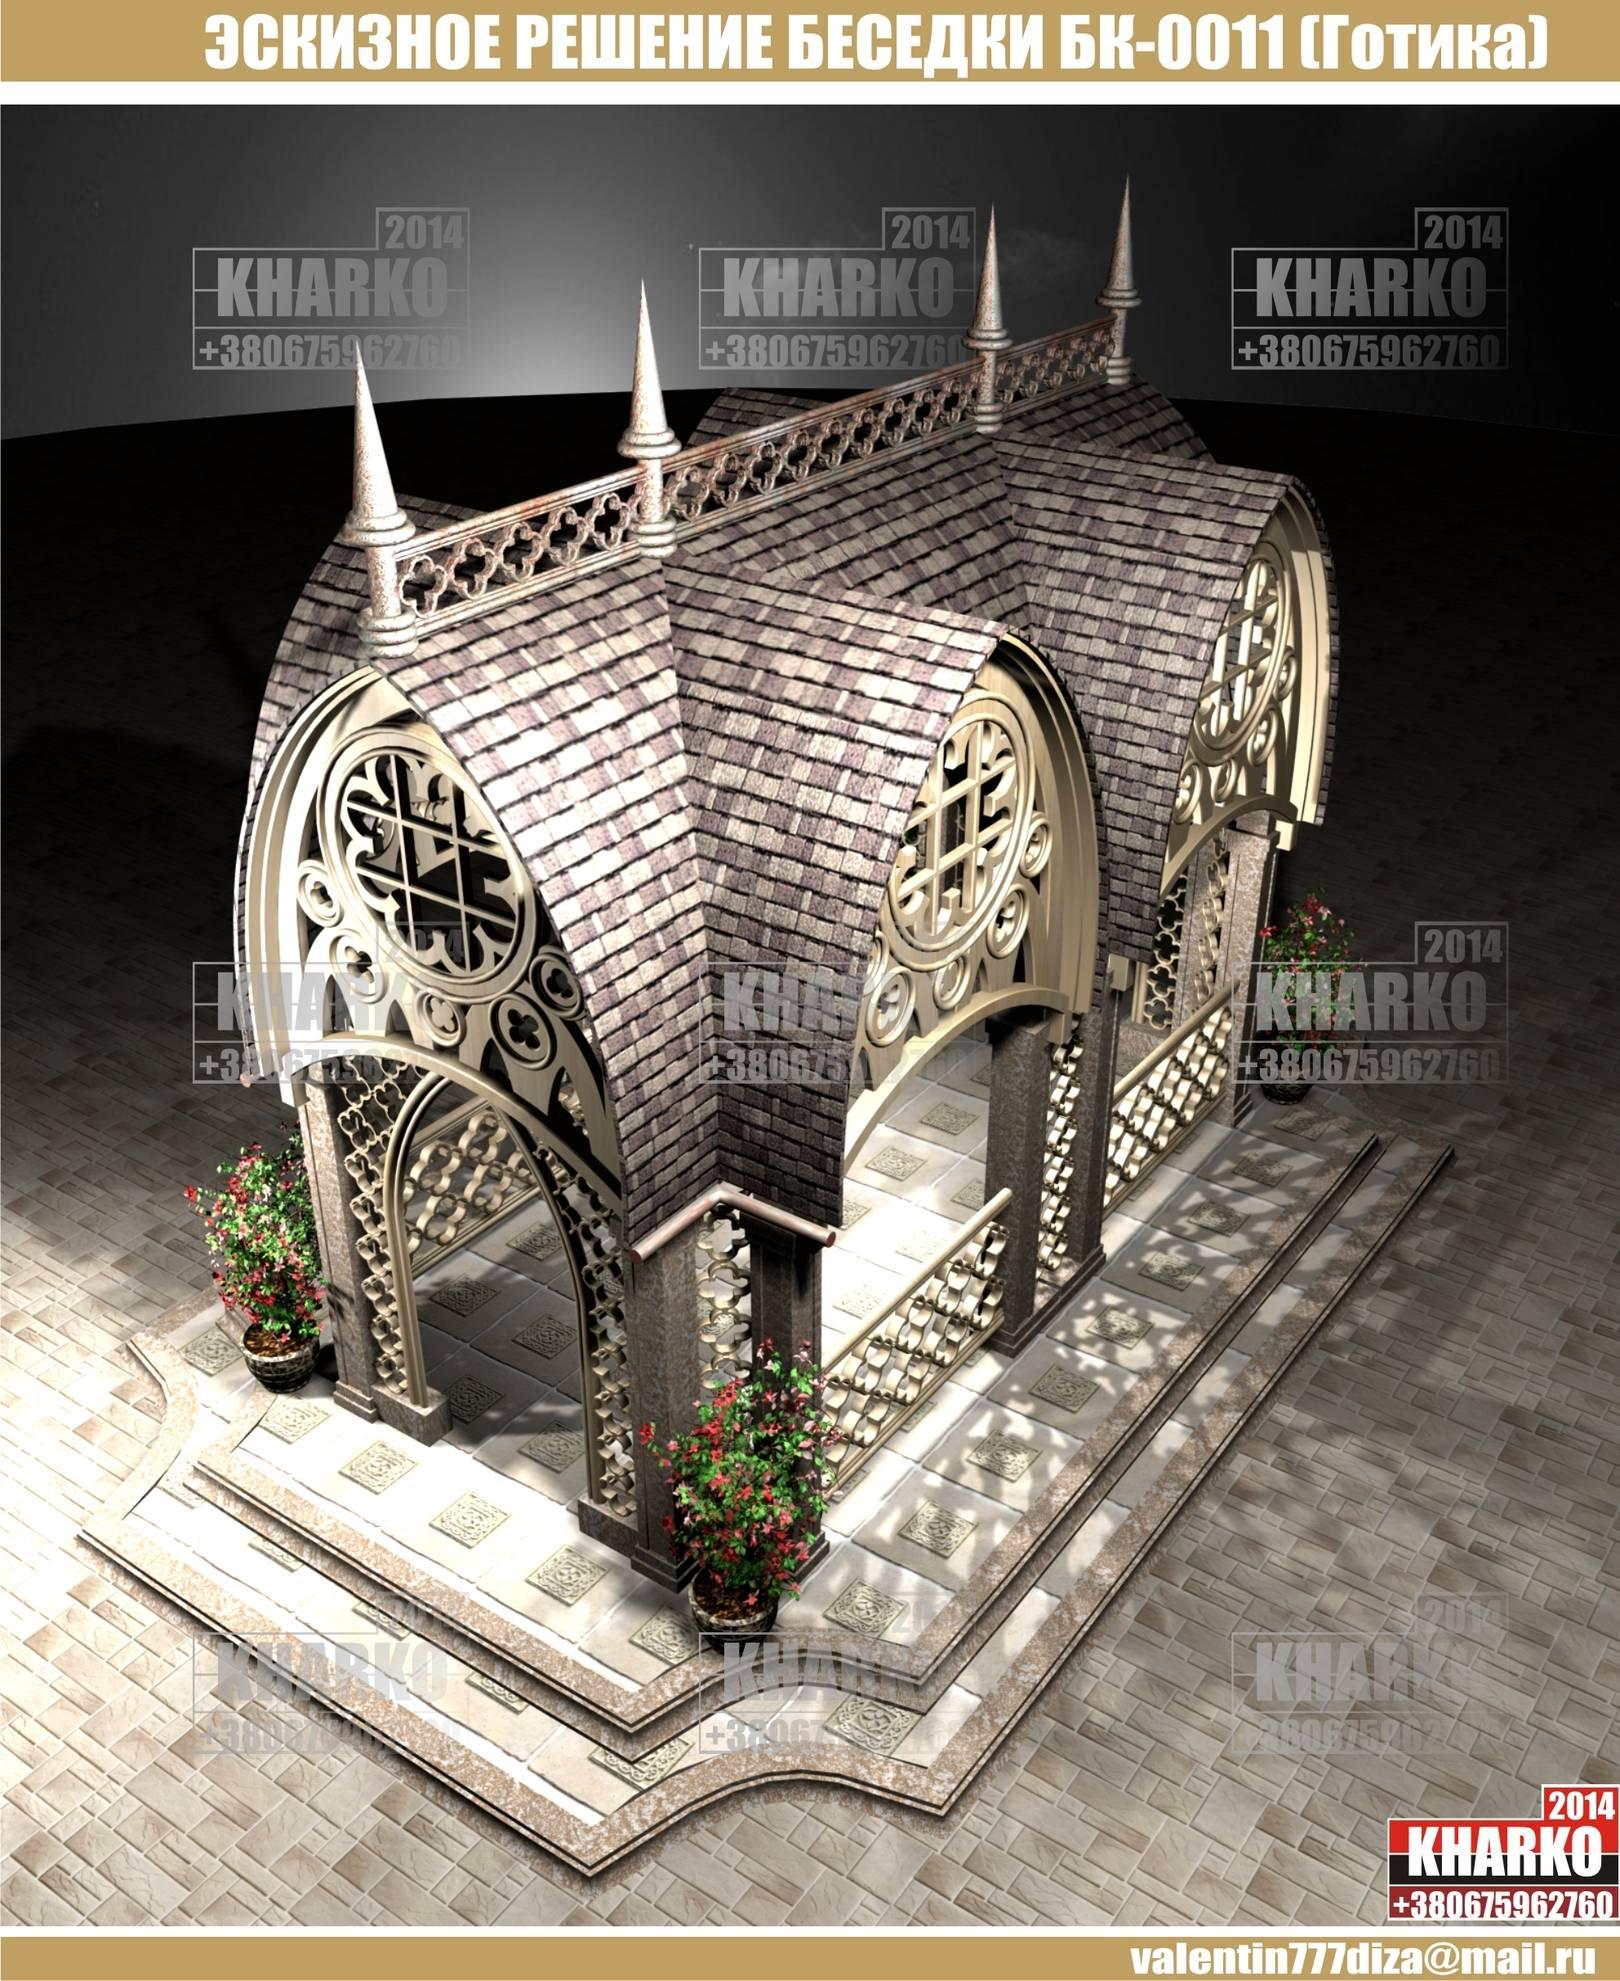 проект беседки БК-0011 (готический стиль)